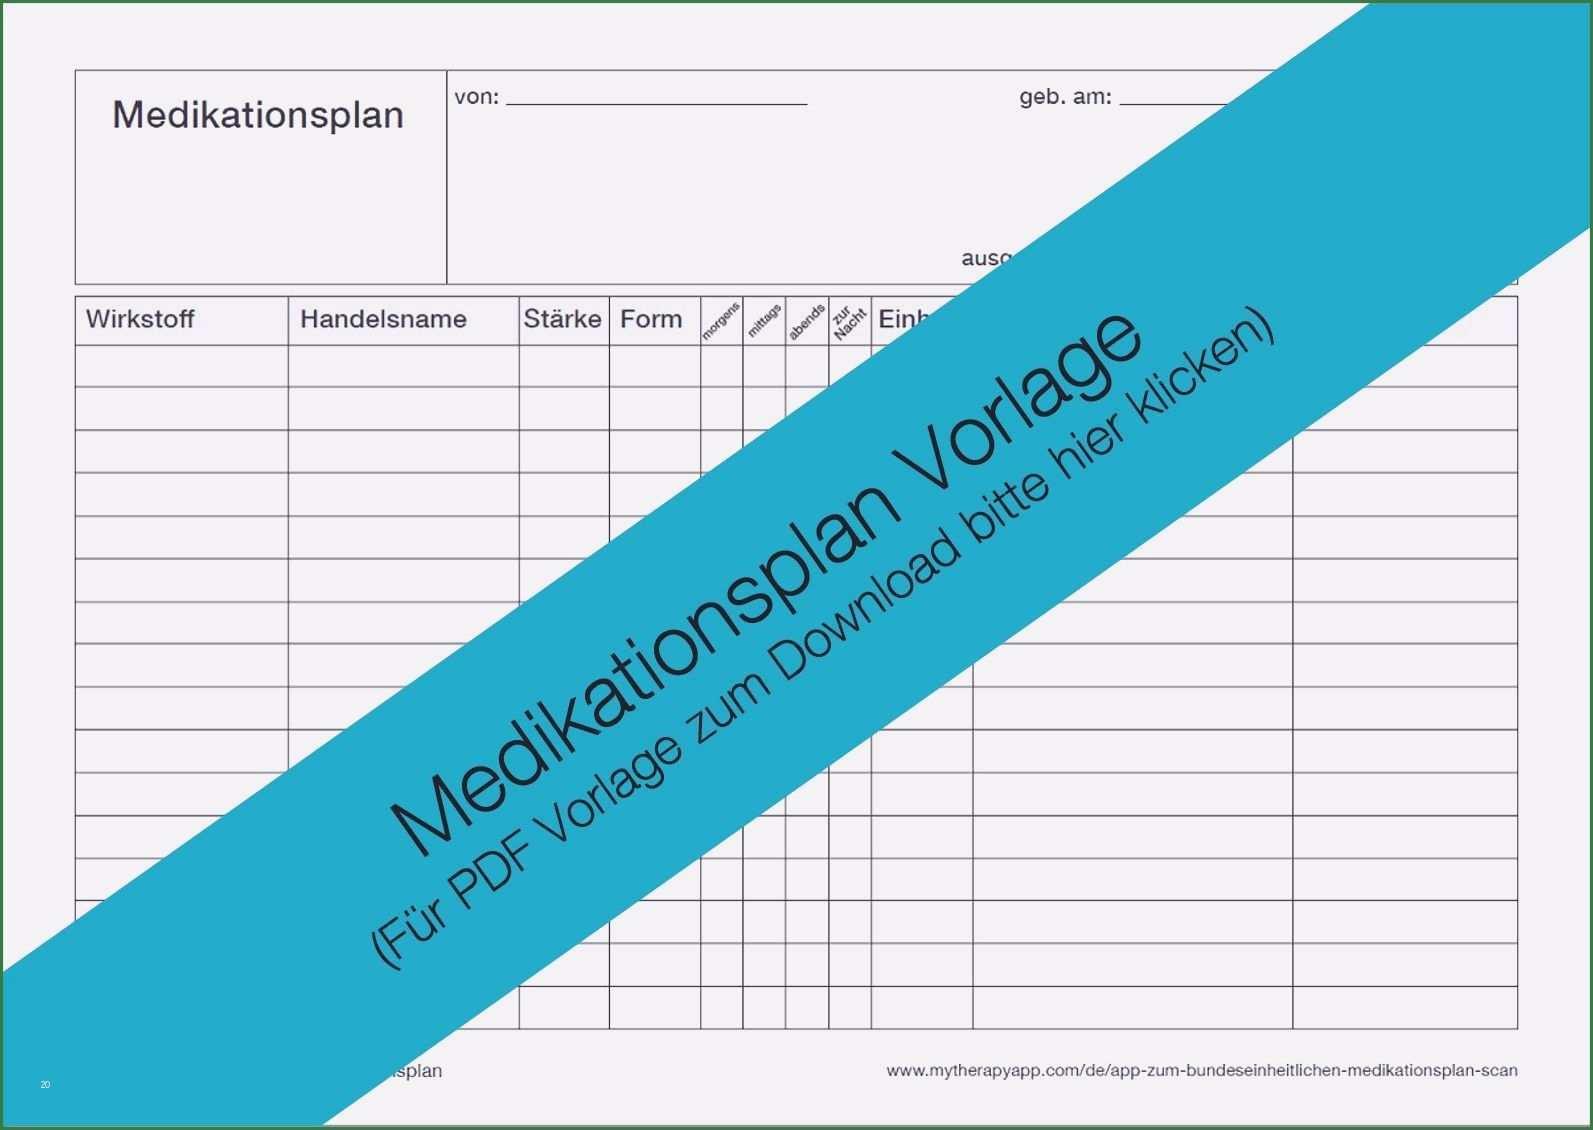 30 Schon Medikamentenplan Vorlage Kostenlos Download Ideen Briefkopf Vorlage Vorlagen Lebenslauf